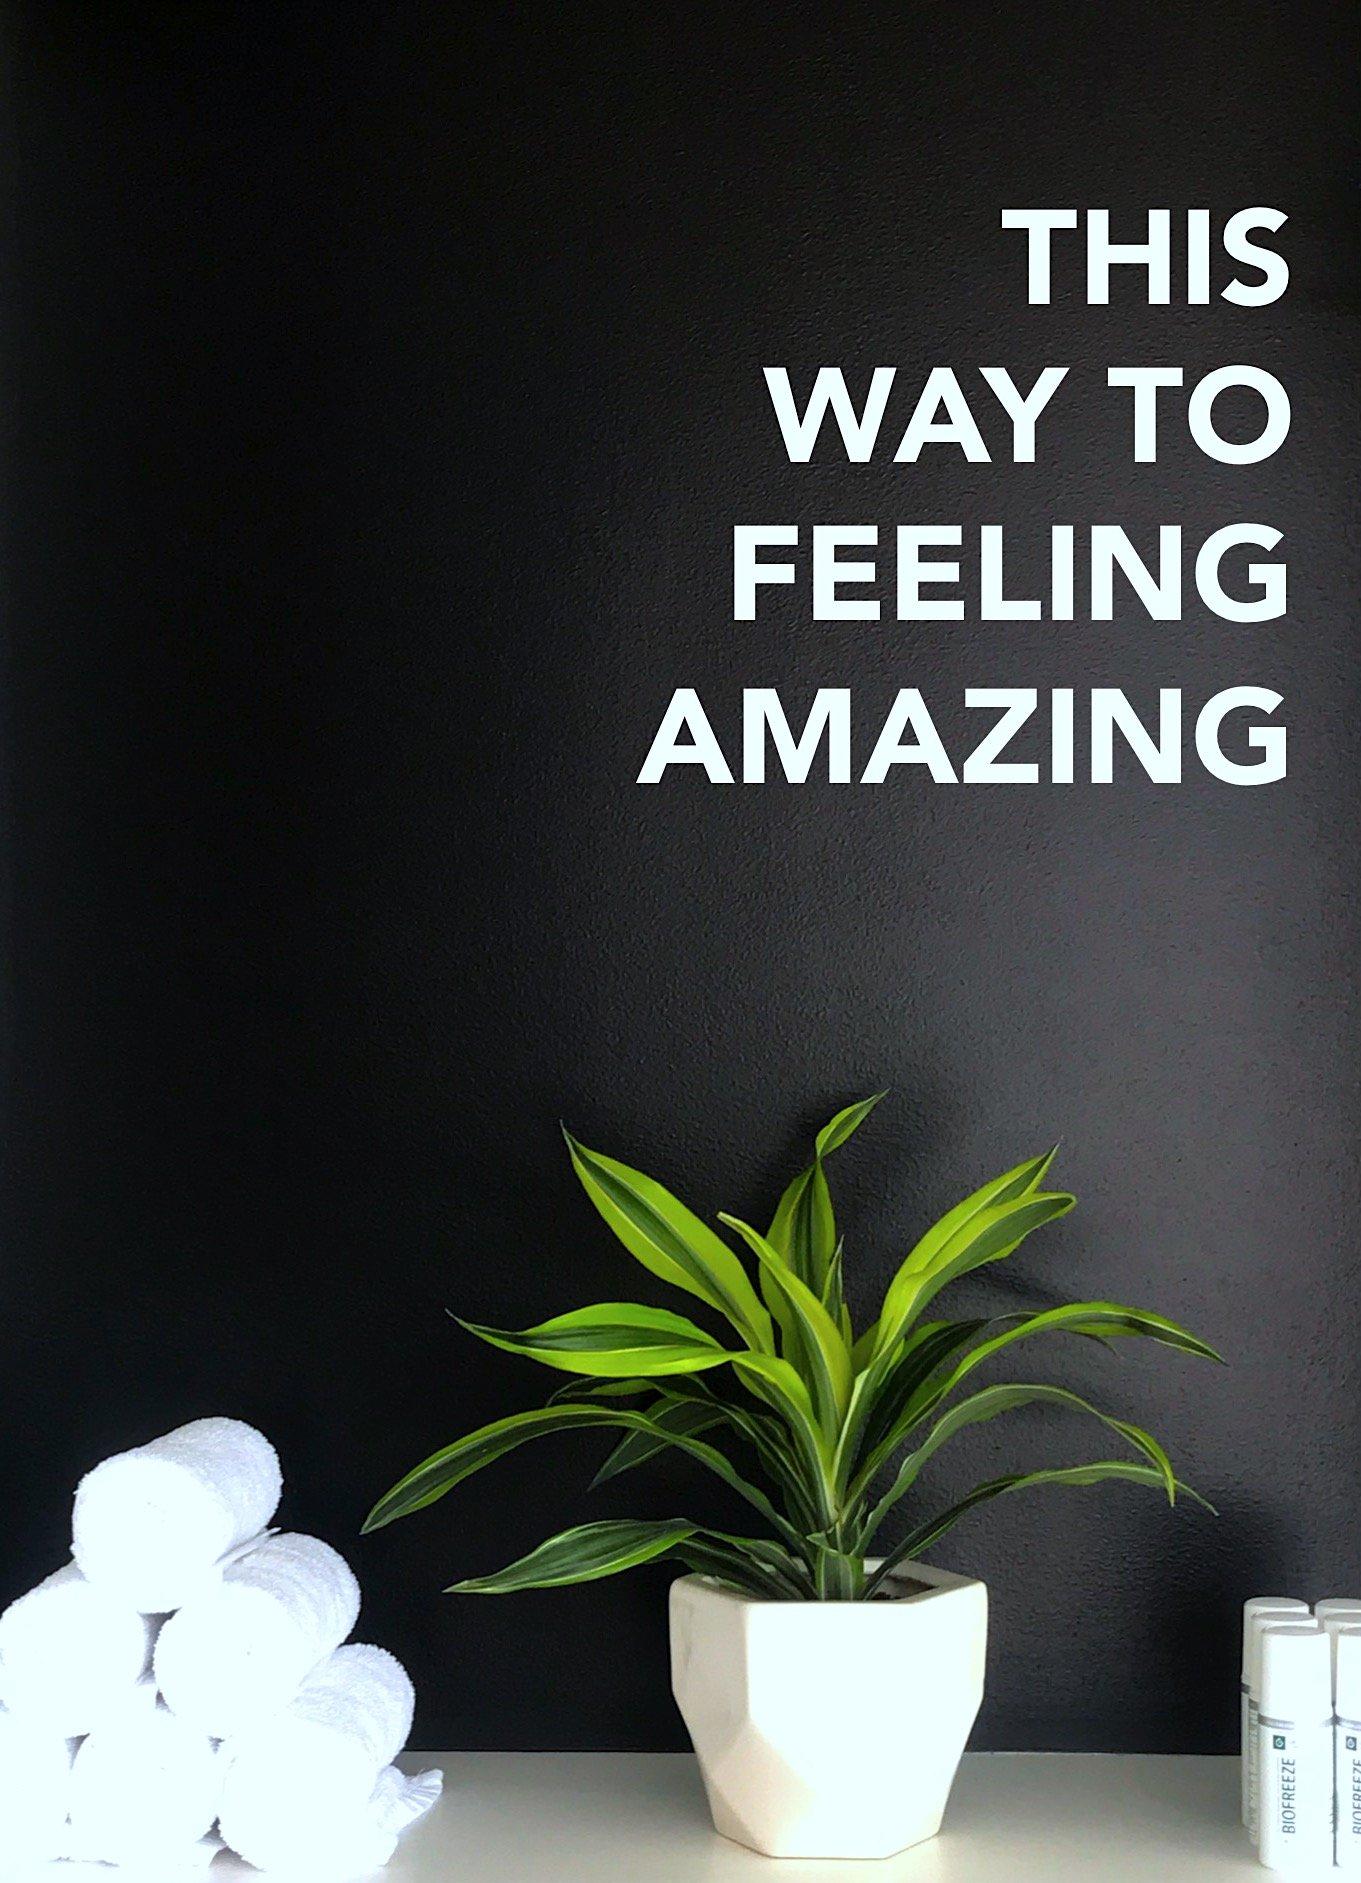 feeling amazing